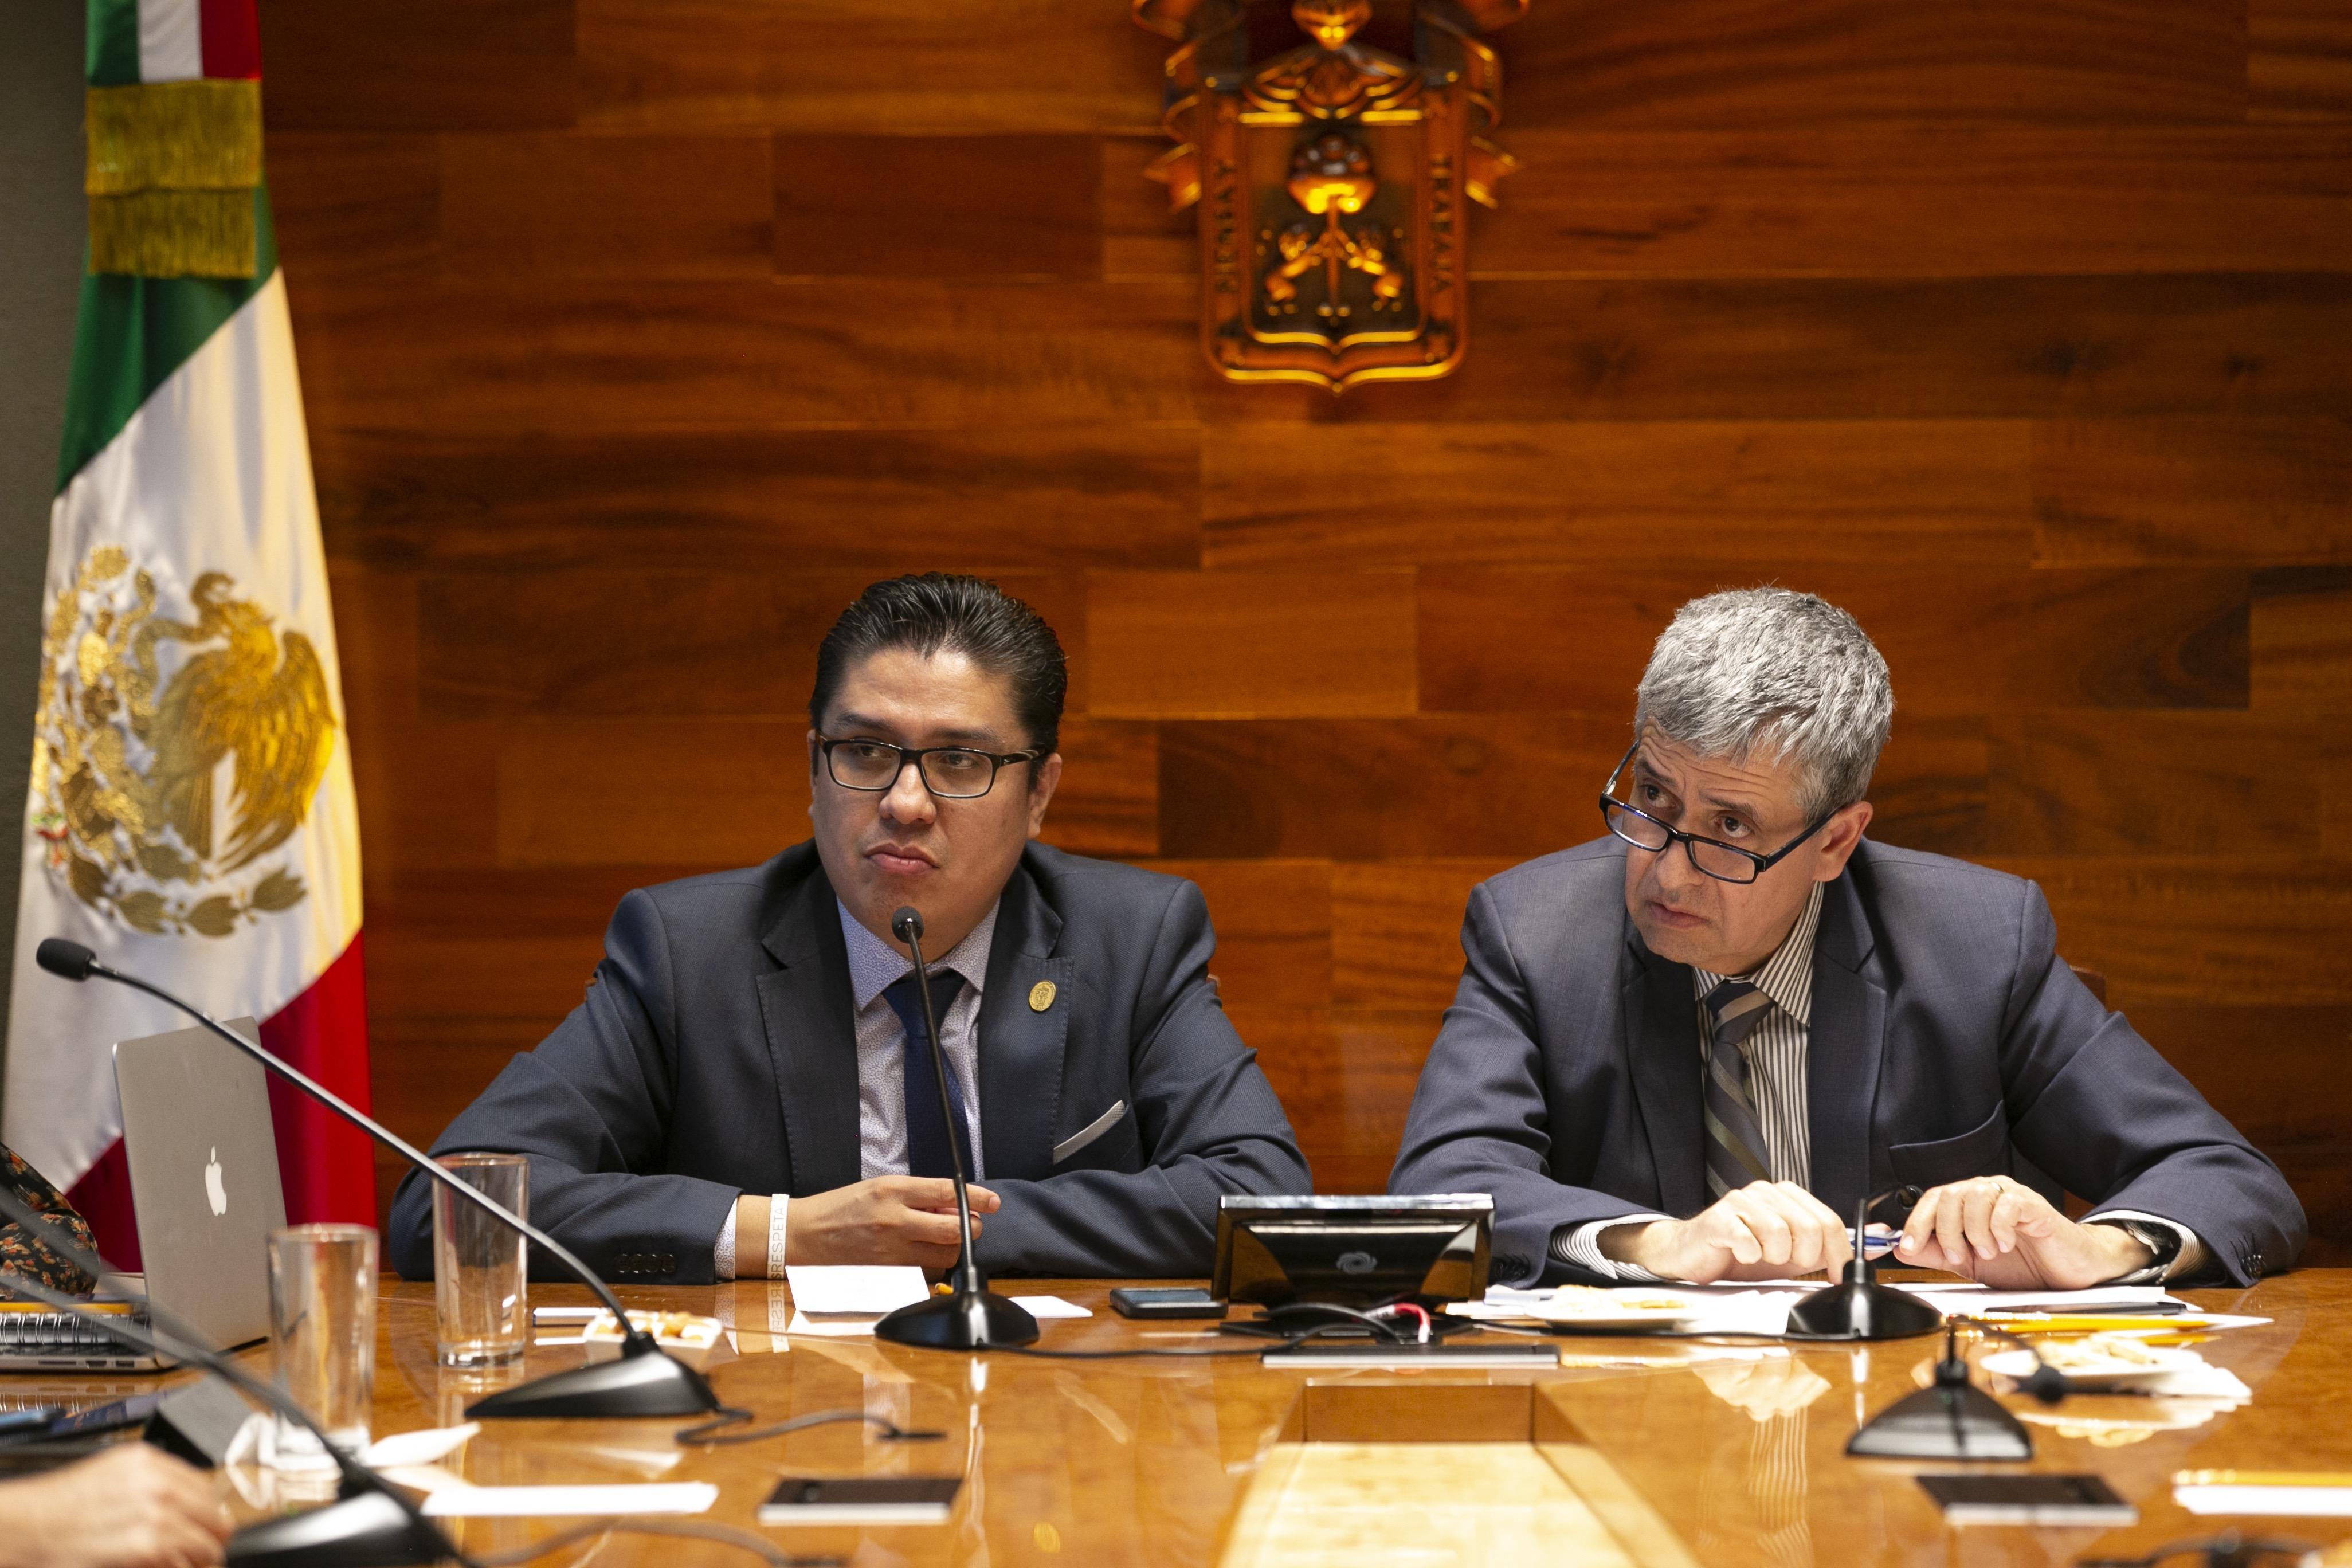 Rector del CUCS presidiendo la reunión junto al vicerrector de la UdeG